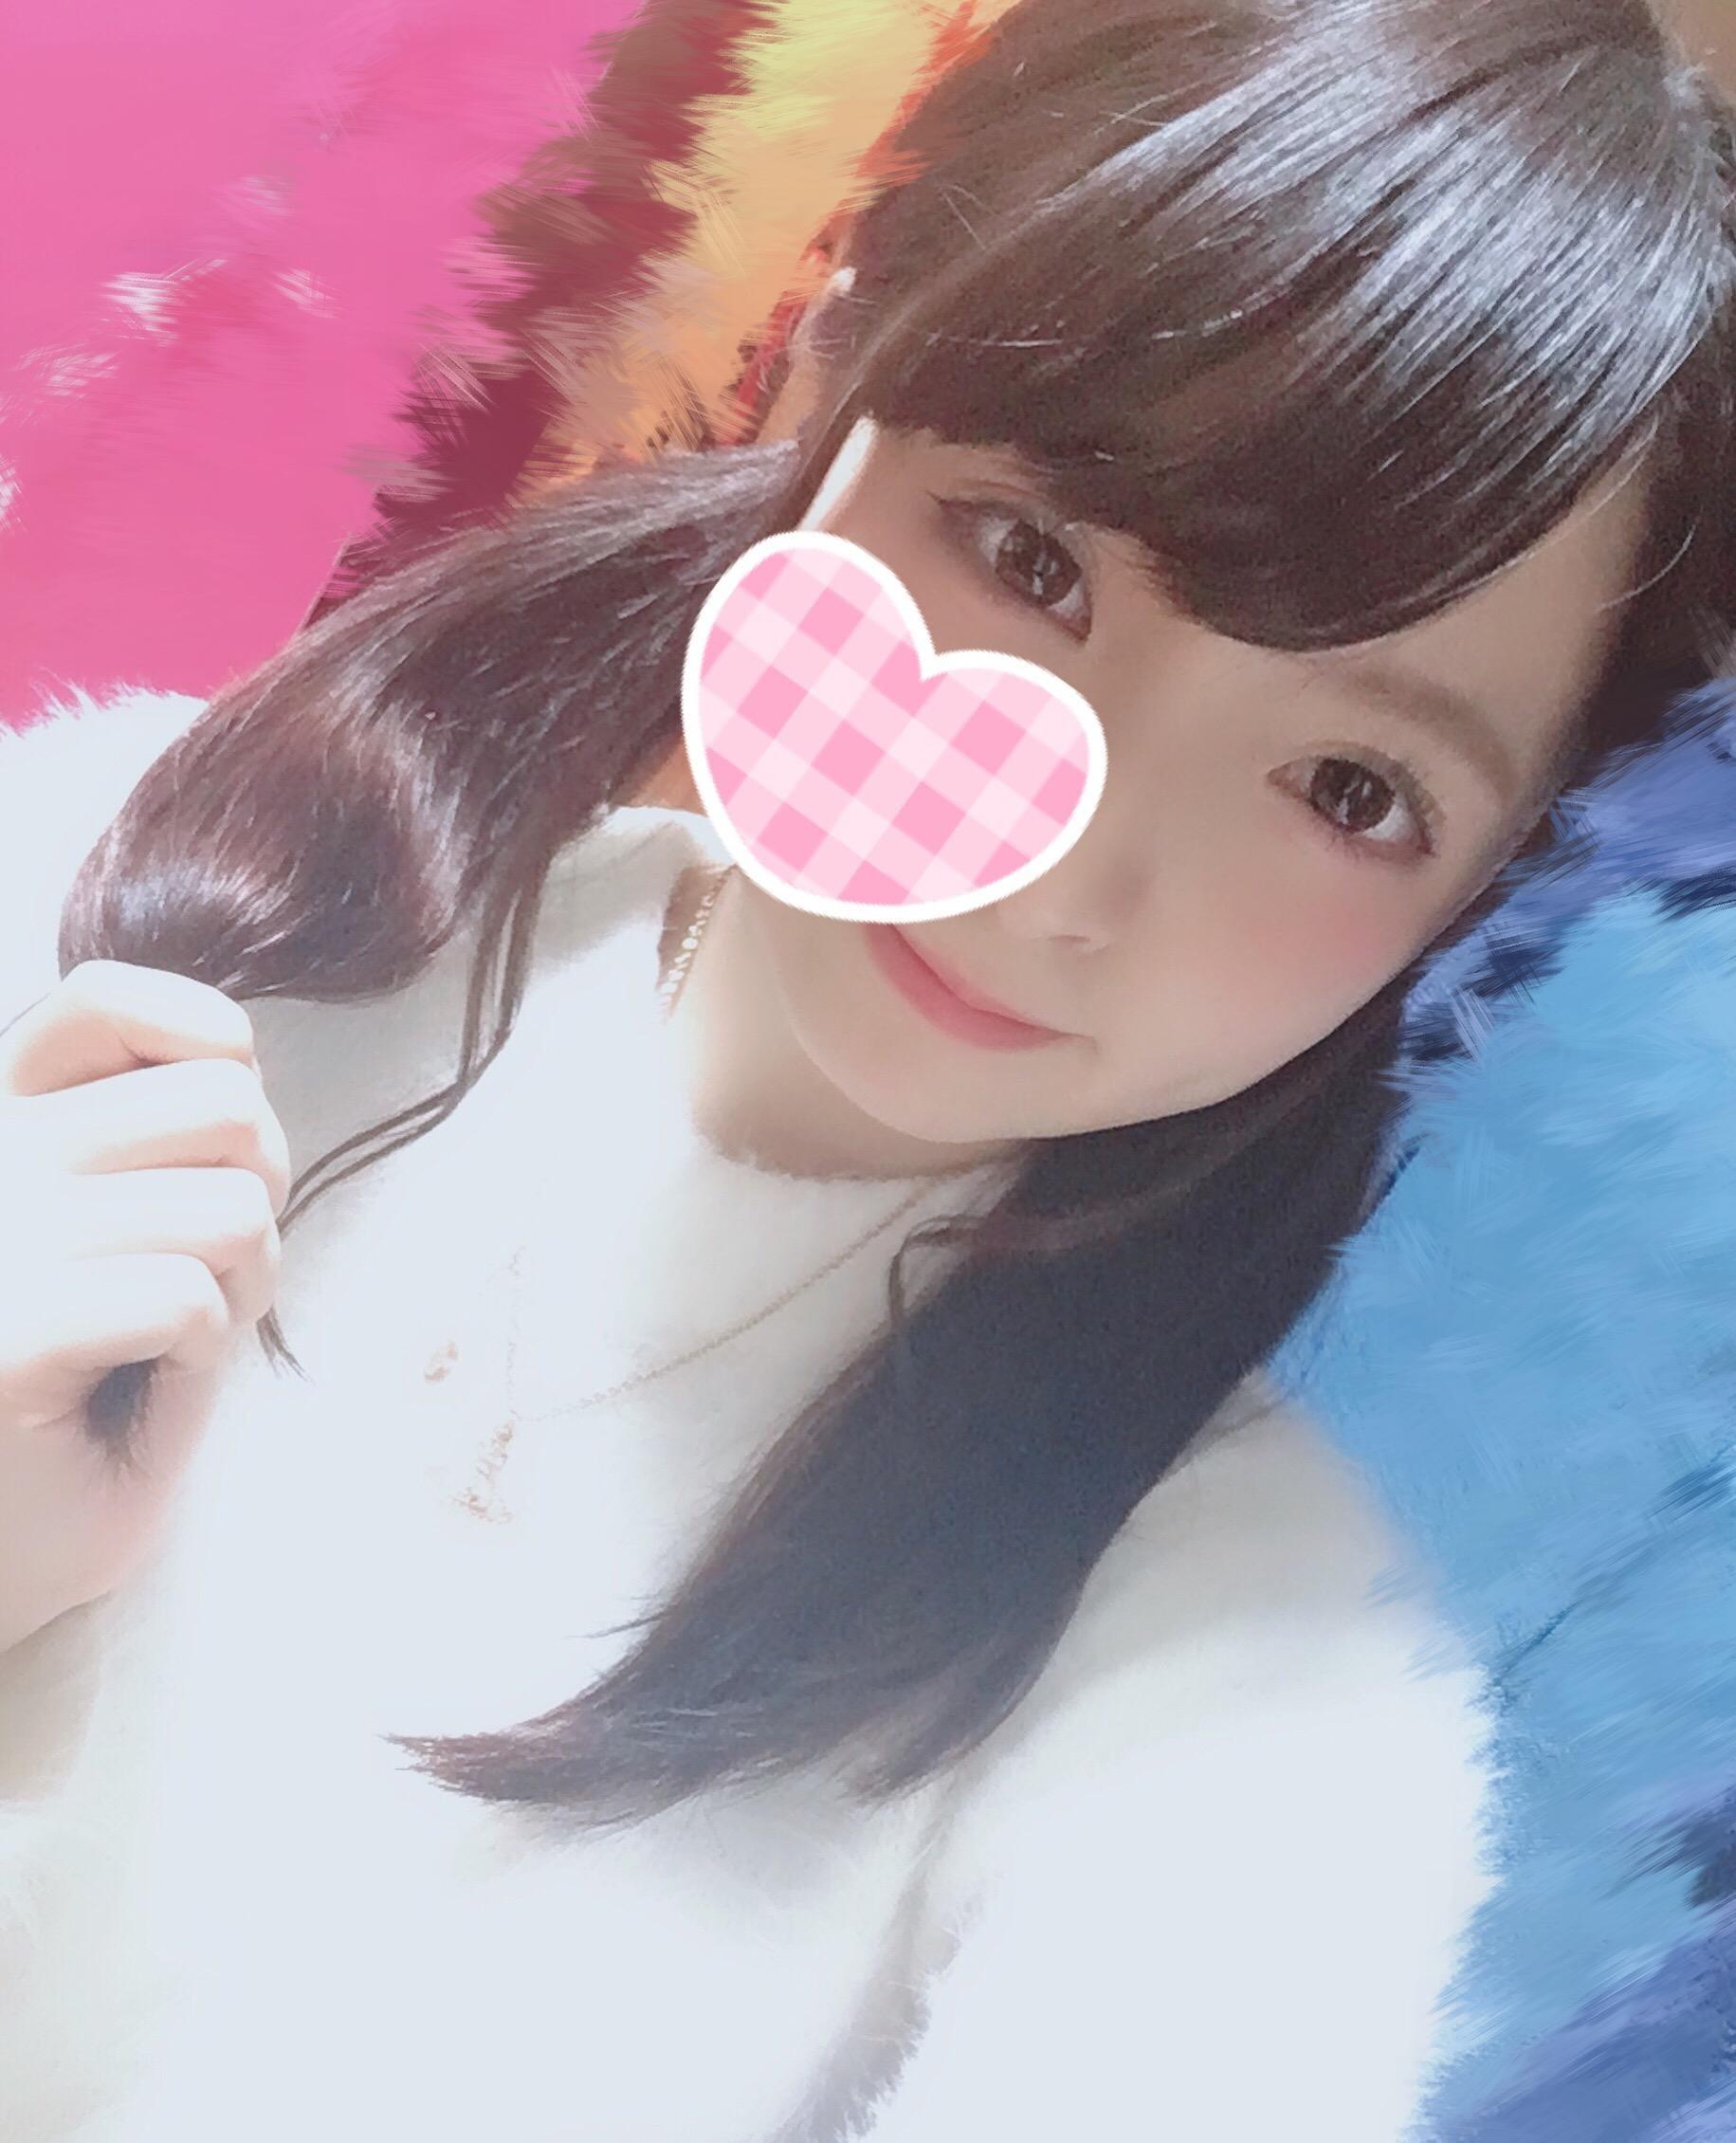 「おれい」02/17(02/17) 08:04 | めぐの写メ・風俗動画